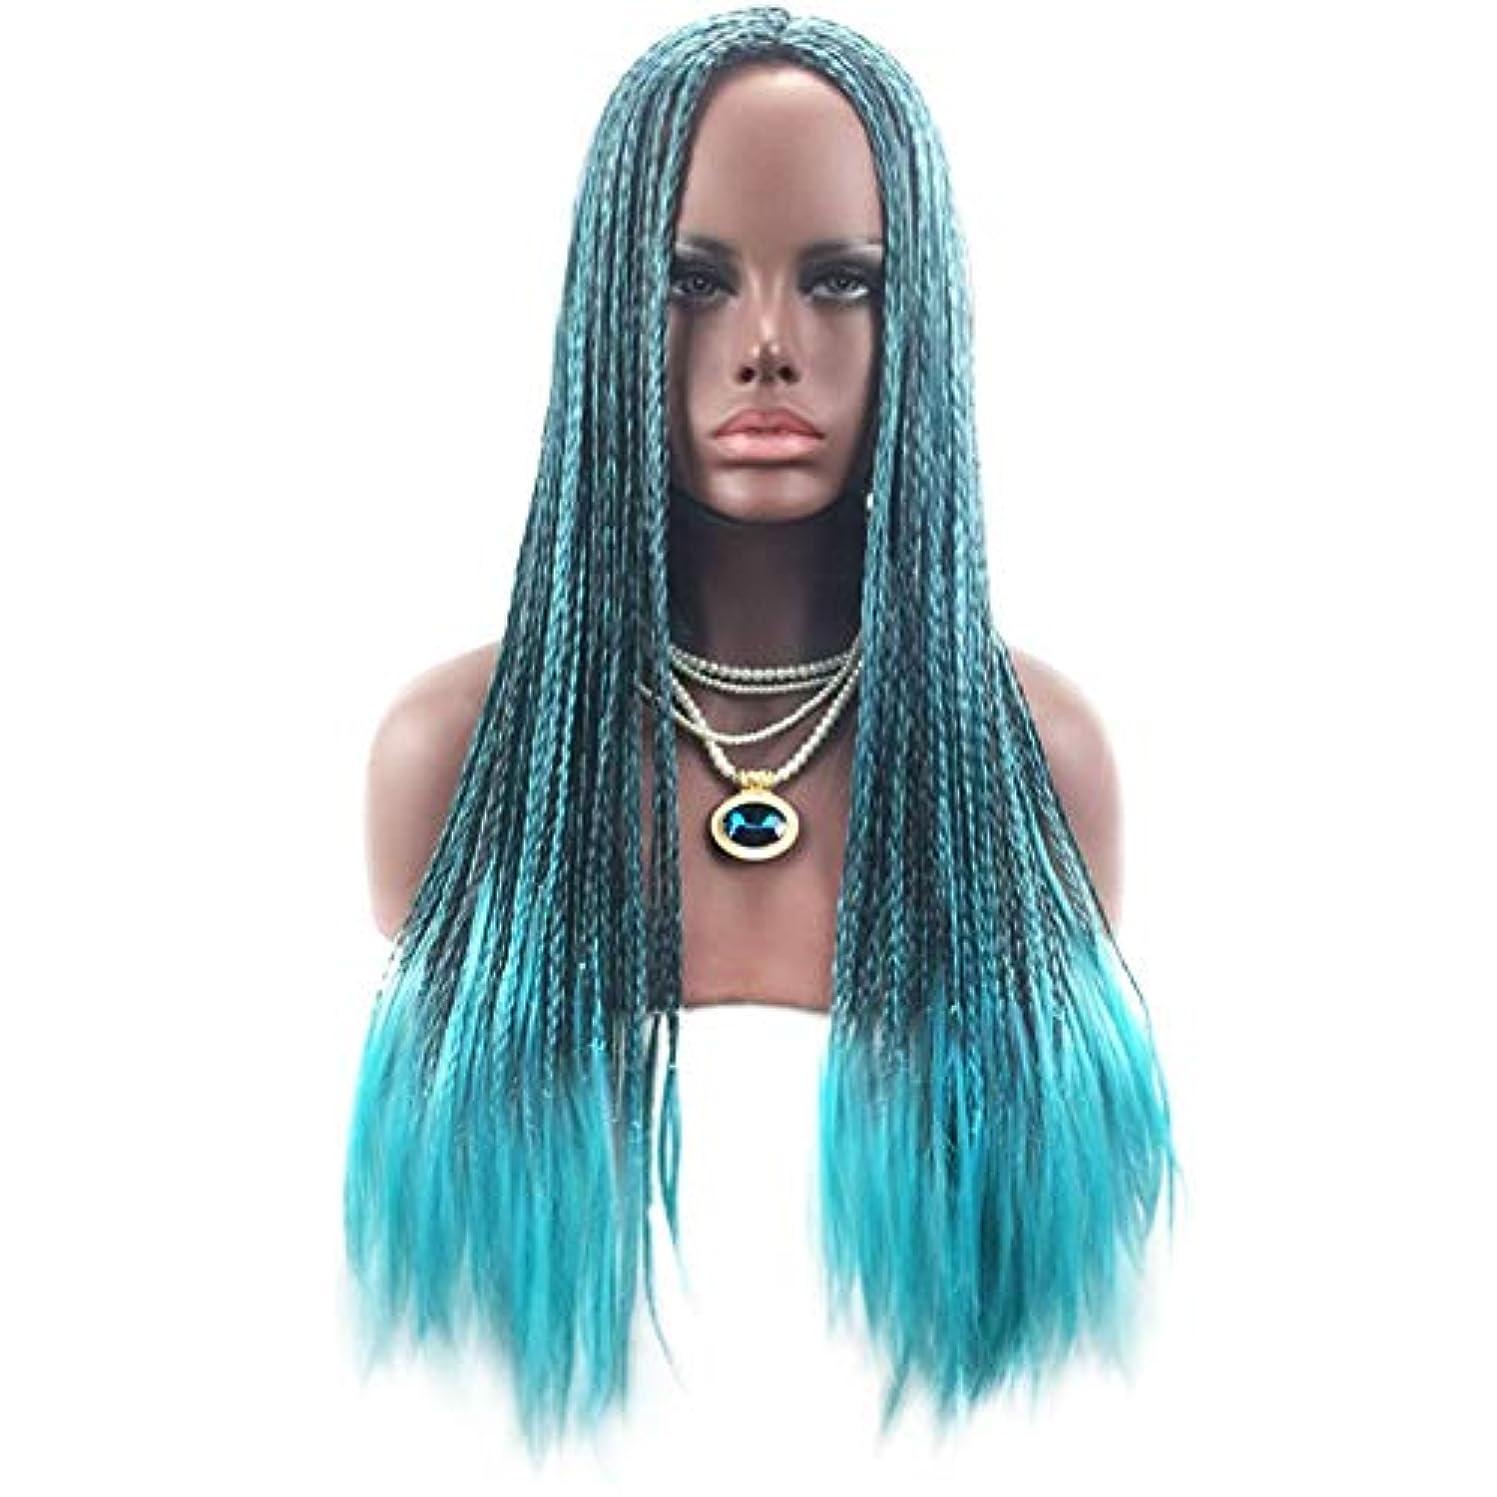 酸化物希少性キラウエア山コスプレ衣装や日常生活のための65cm青と黒の2色の段階的なコスプレアニメウィッグドレッドロックロングマット高温シルク人工毛段階的な三つ編み